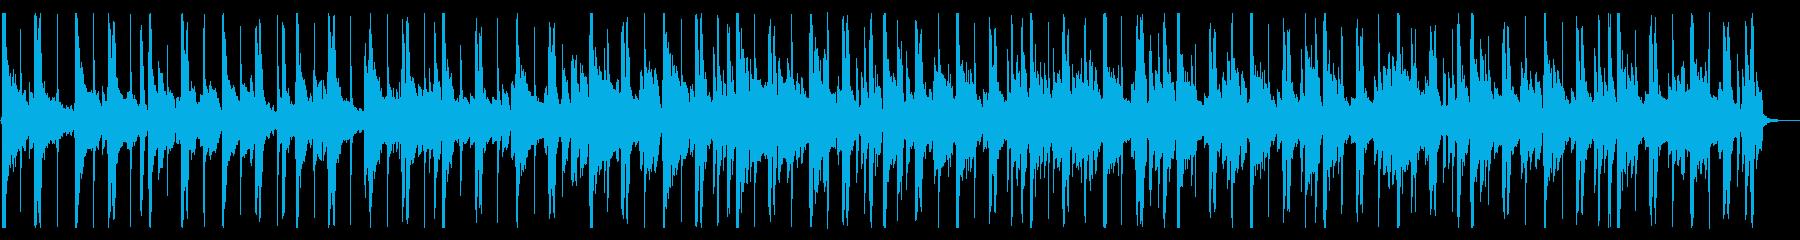 儚げ/R&B_No606_3の再生済みの波形